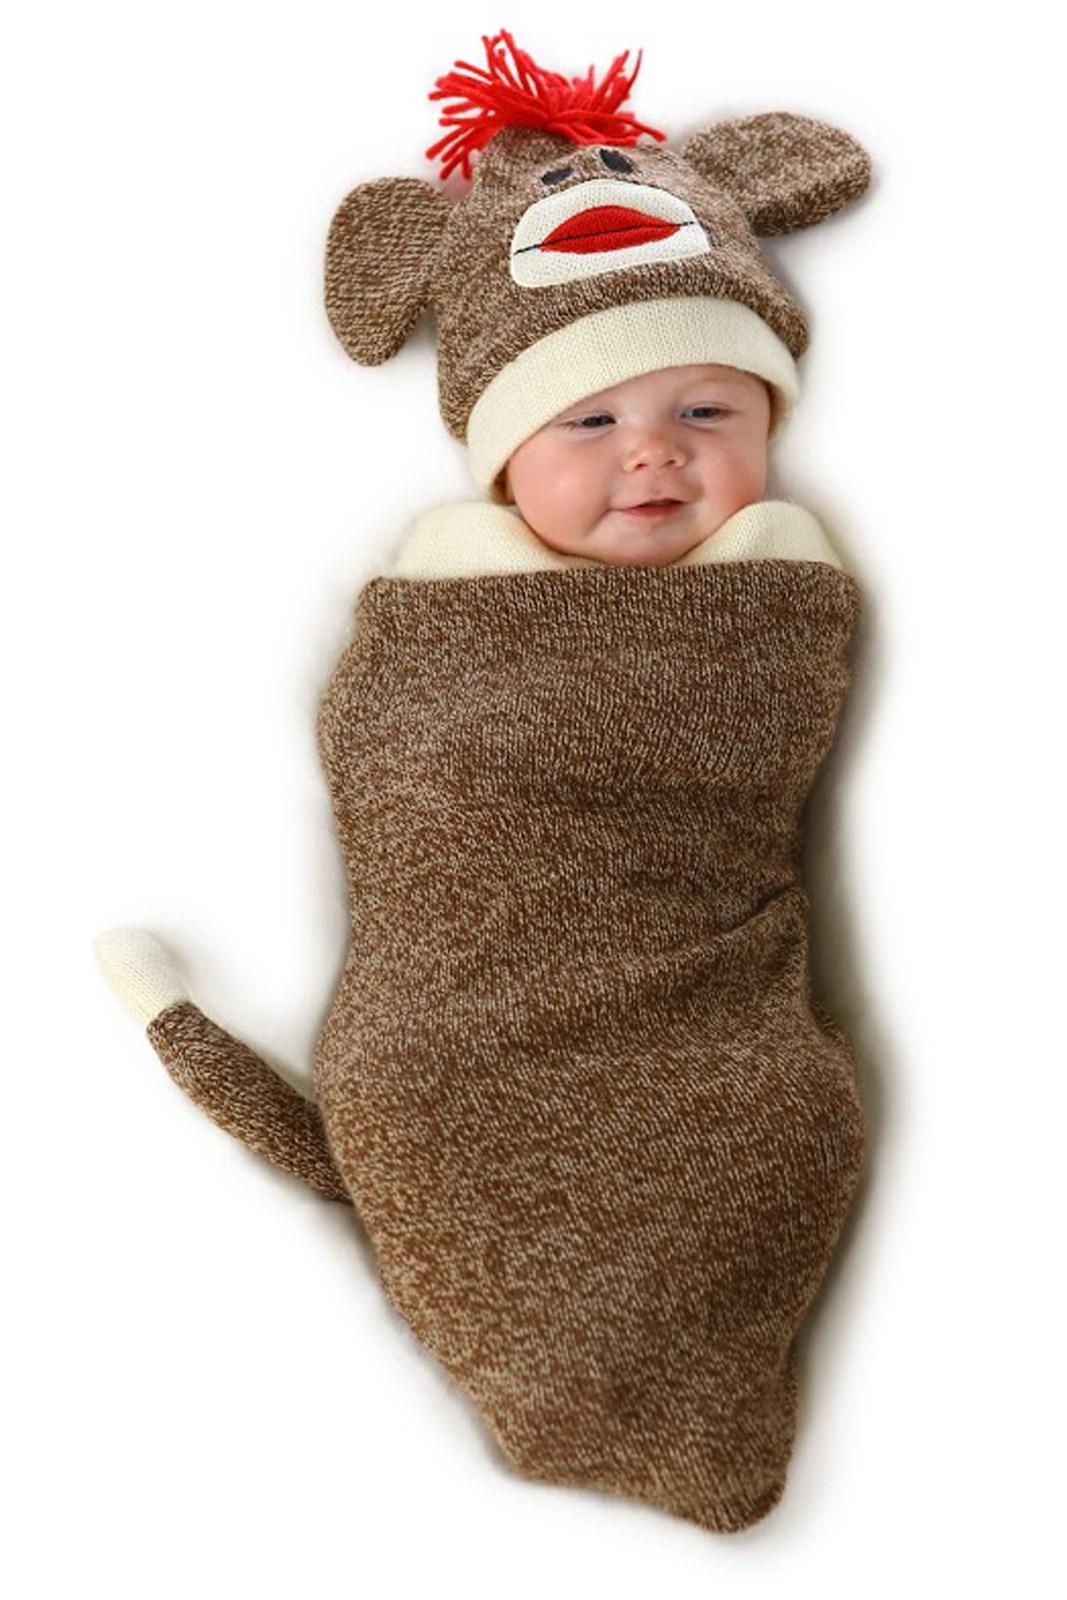 Marv the Monkey Infant Bunting Costume